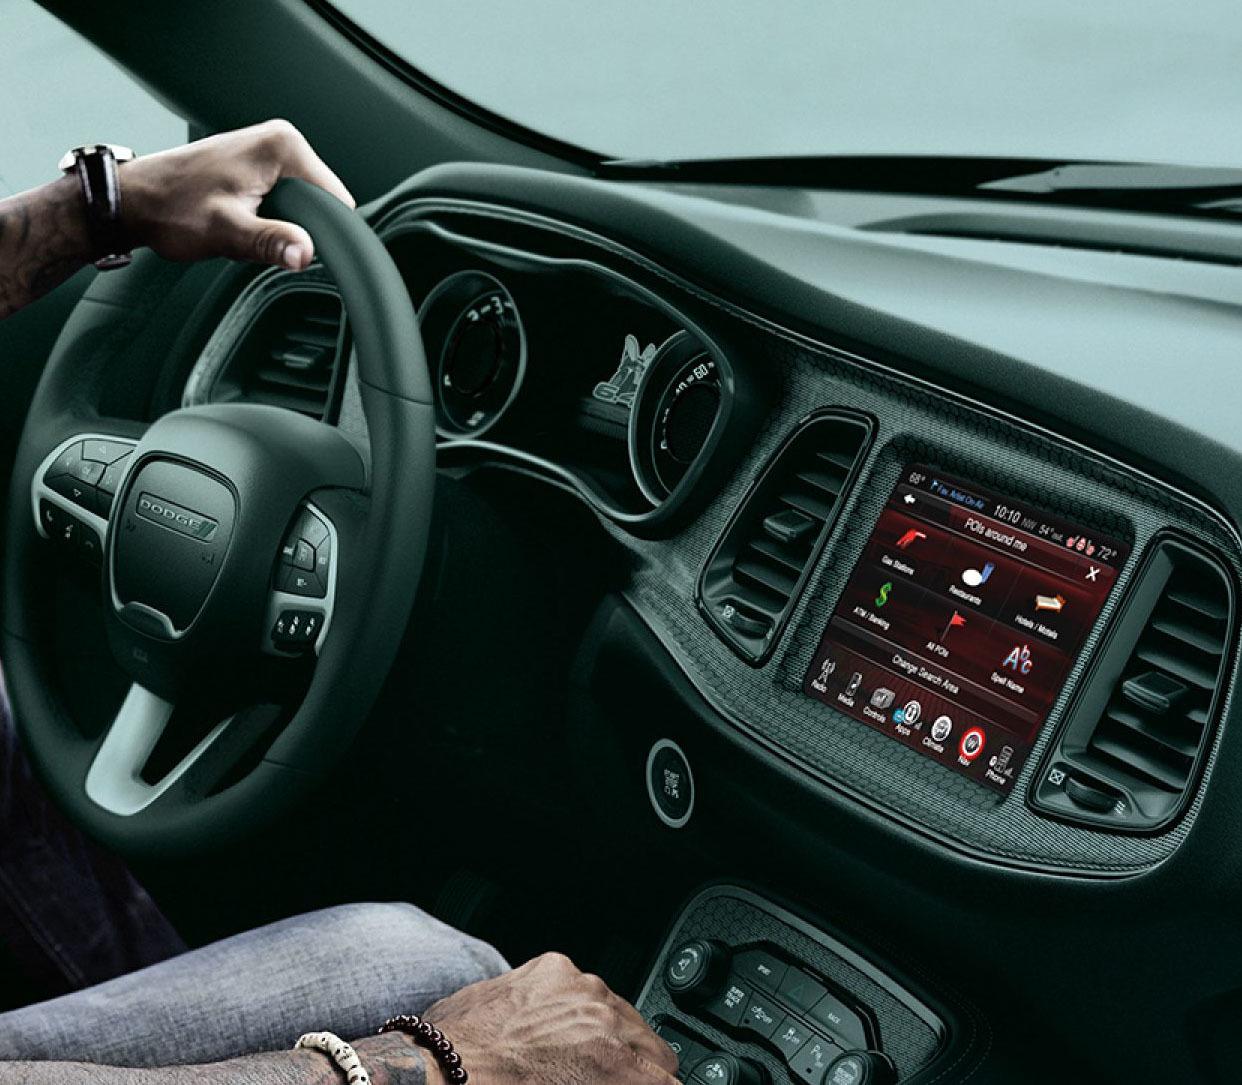 Dodge Uconnect Update: Uconnect For Chrysler, FIAT, Jeep, Dodge & RAM